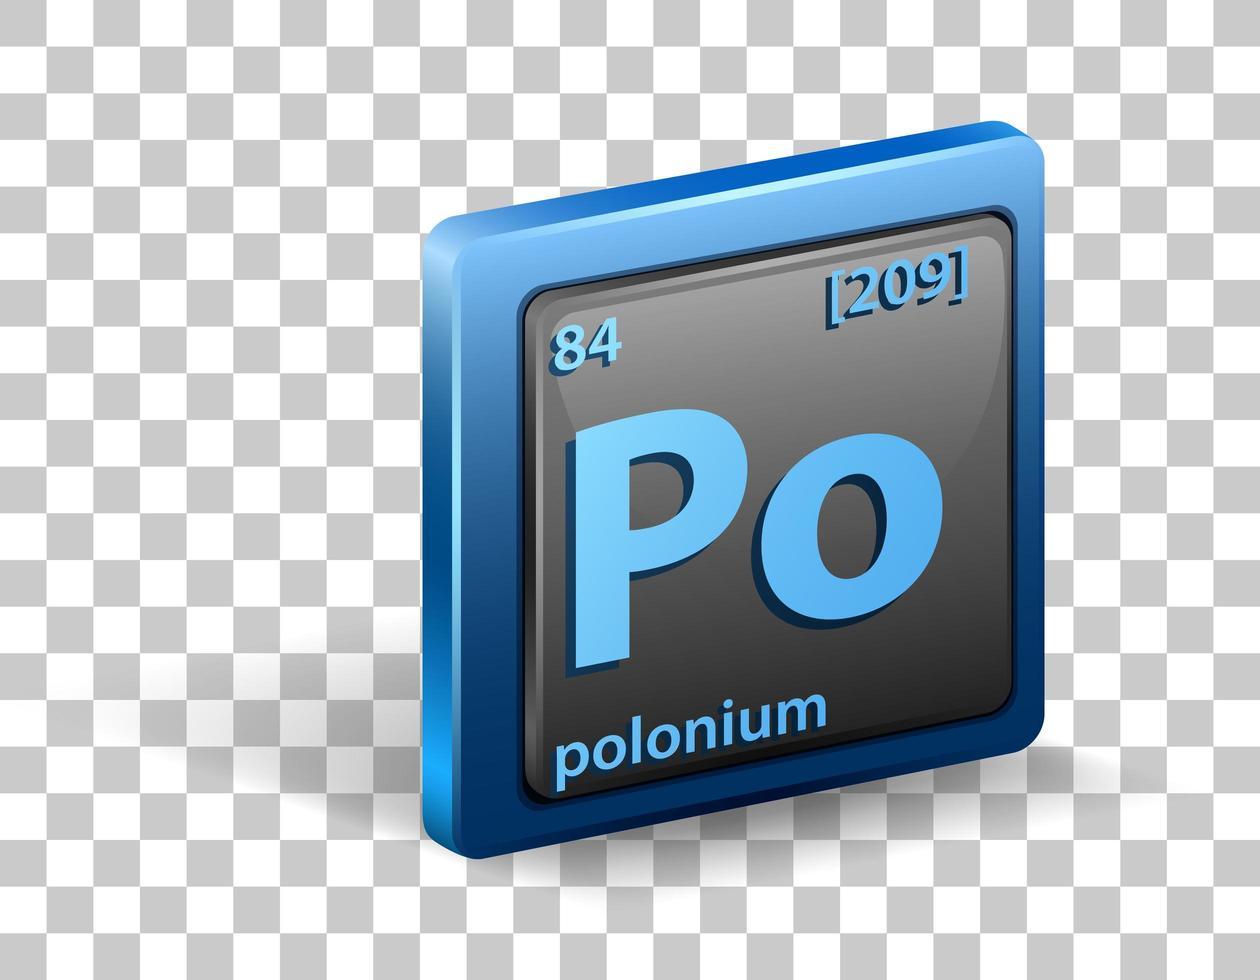 chemisches Poloniumelement. chemisches Symbol mit Ordnungszahl und Atommasse. vektor